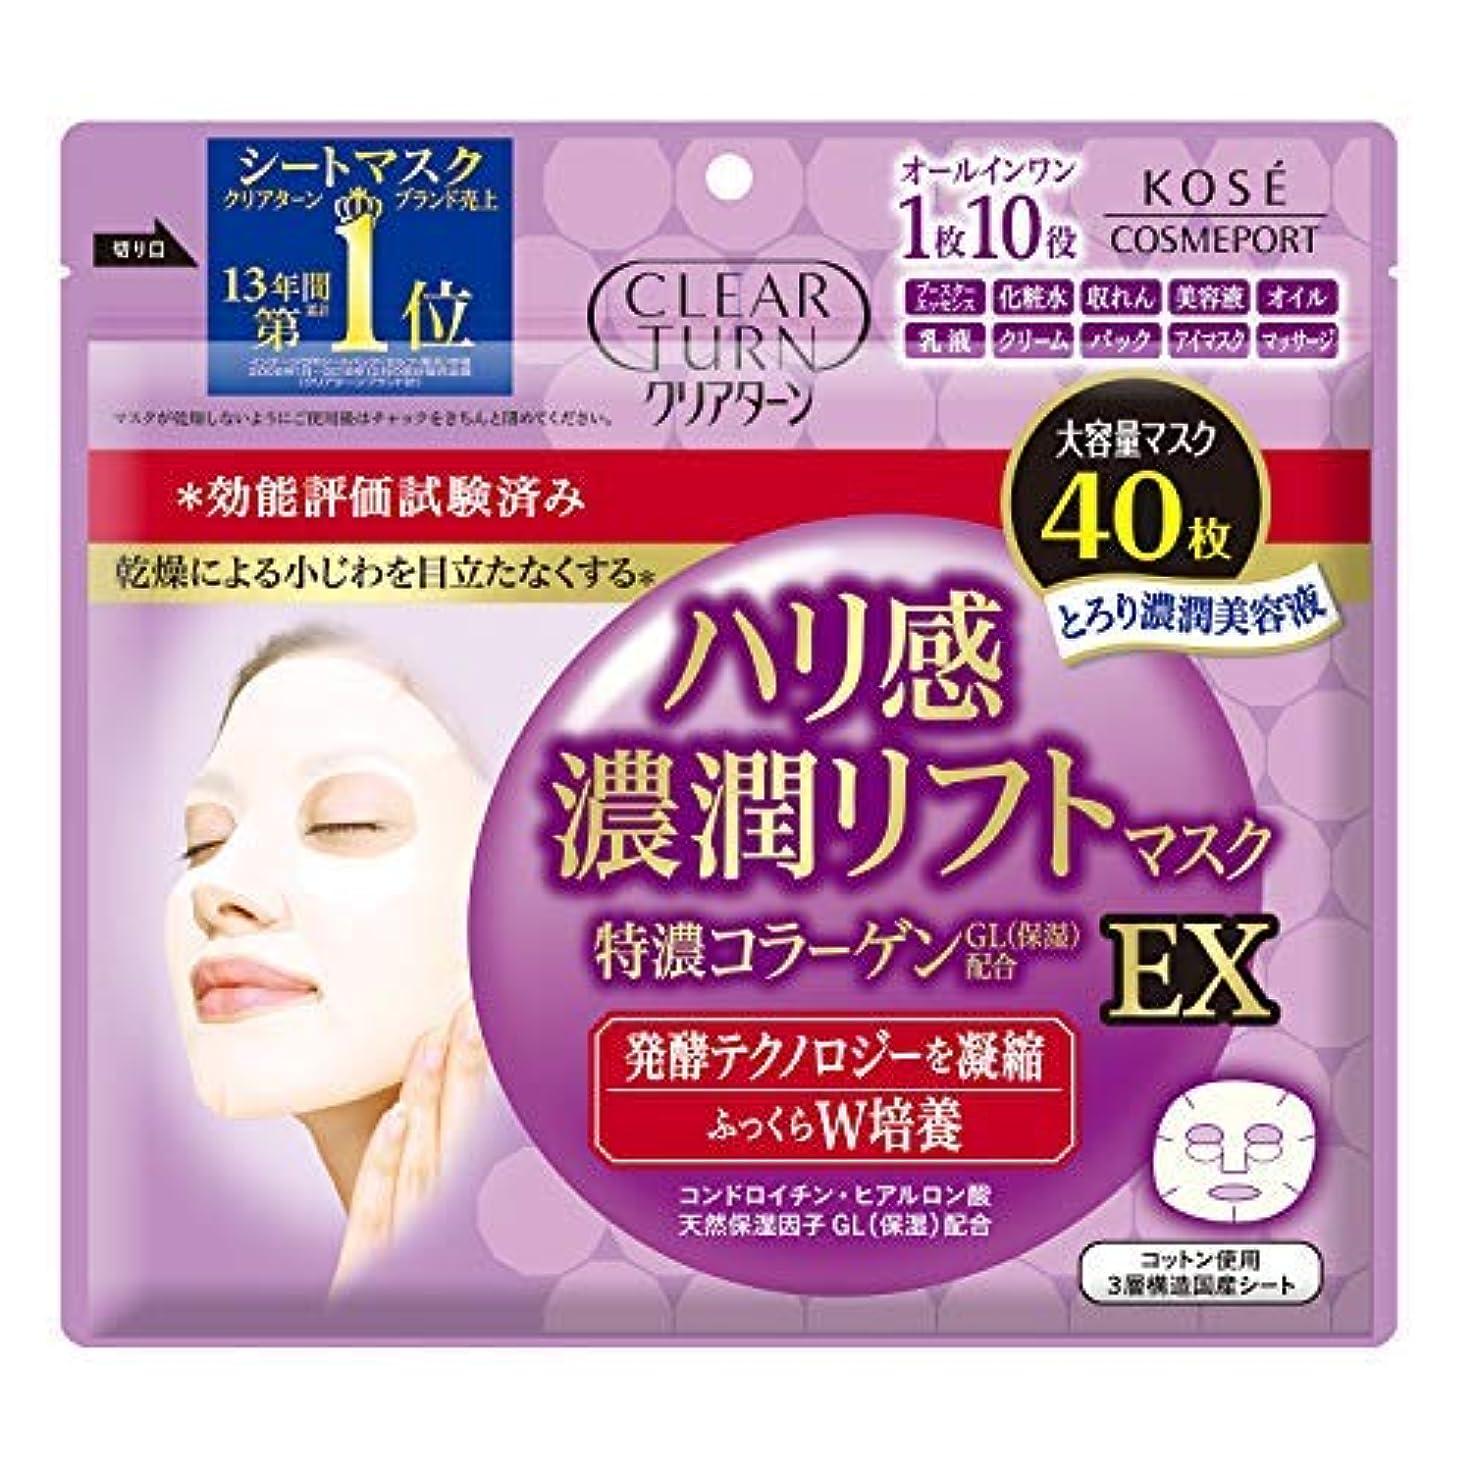 美容師啓示格納クリアターンハリ感濃潤リフトマスク × 2個セット